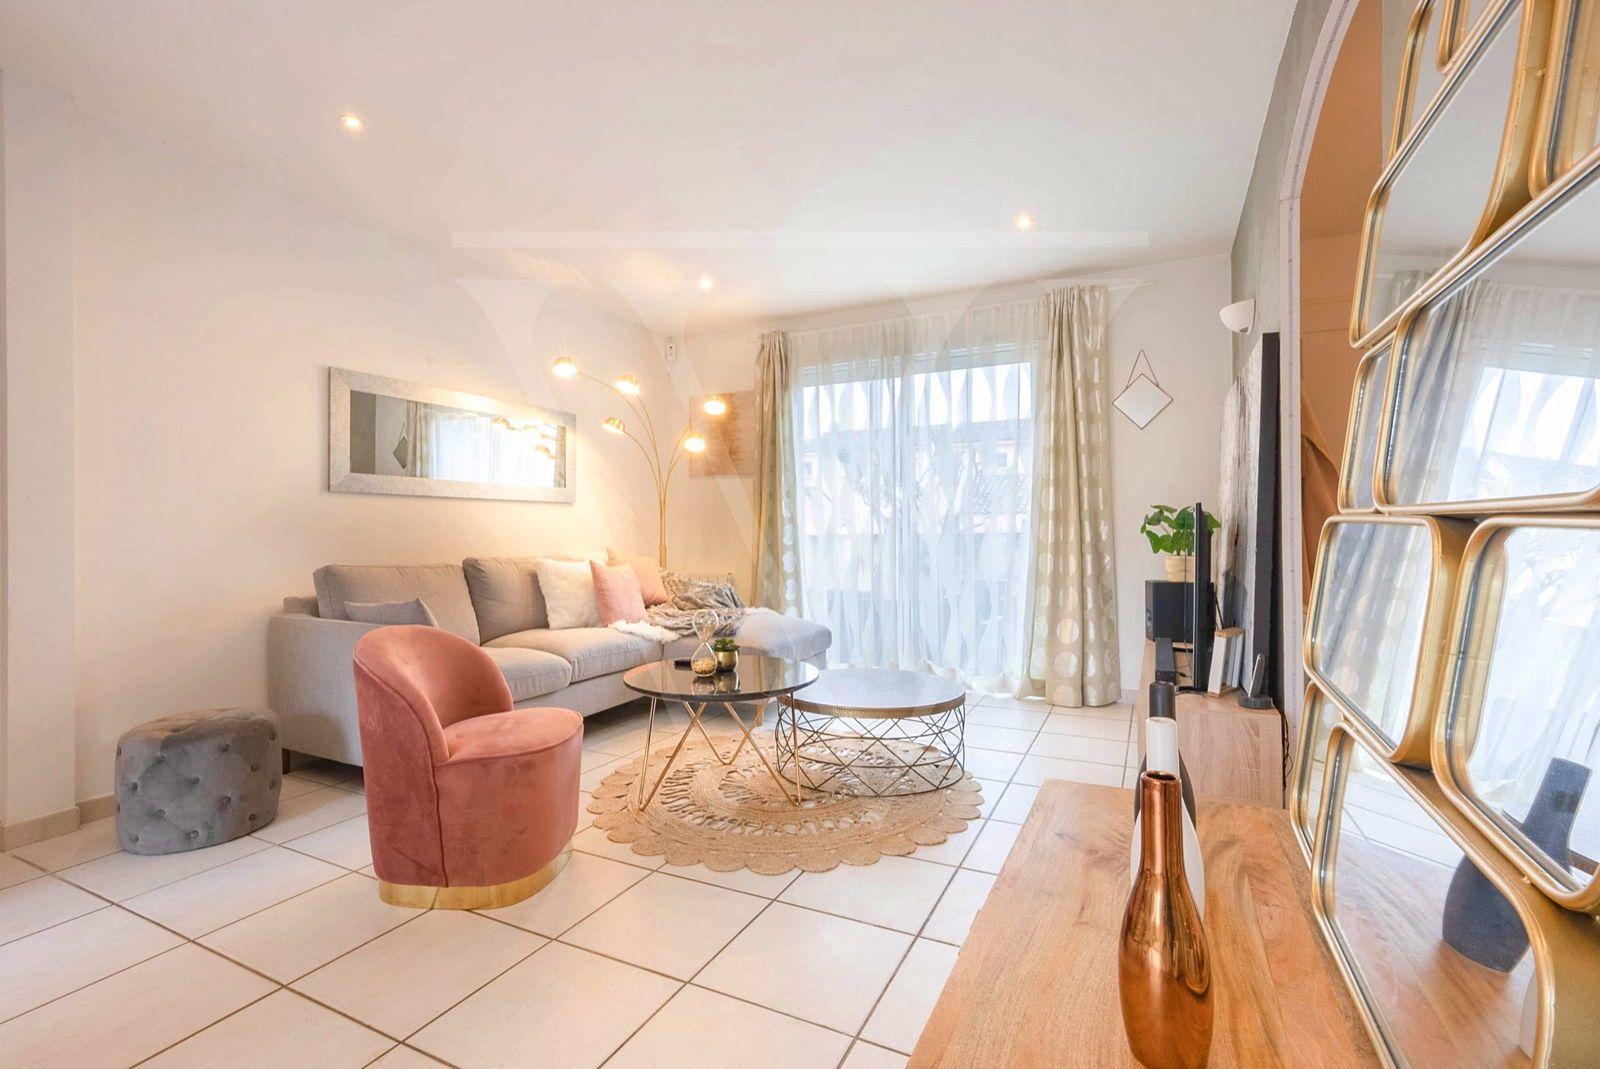 Vends Maison 4pièces 85m² garage jardin - Montpellier (34)